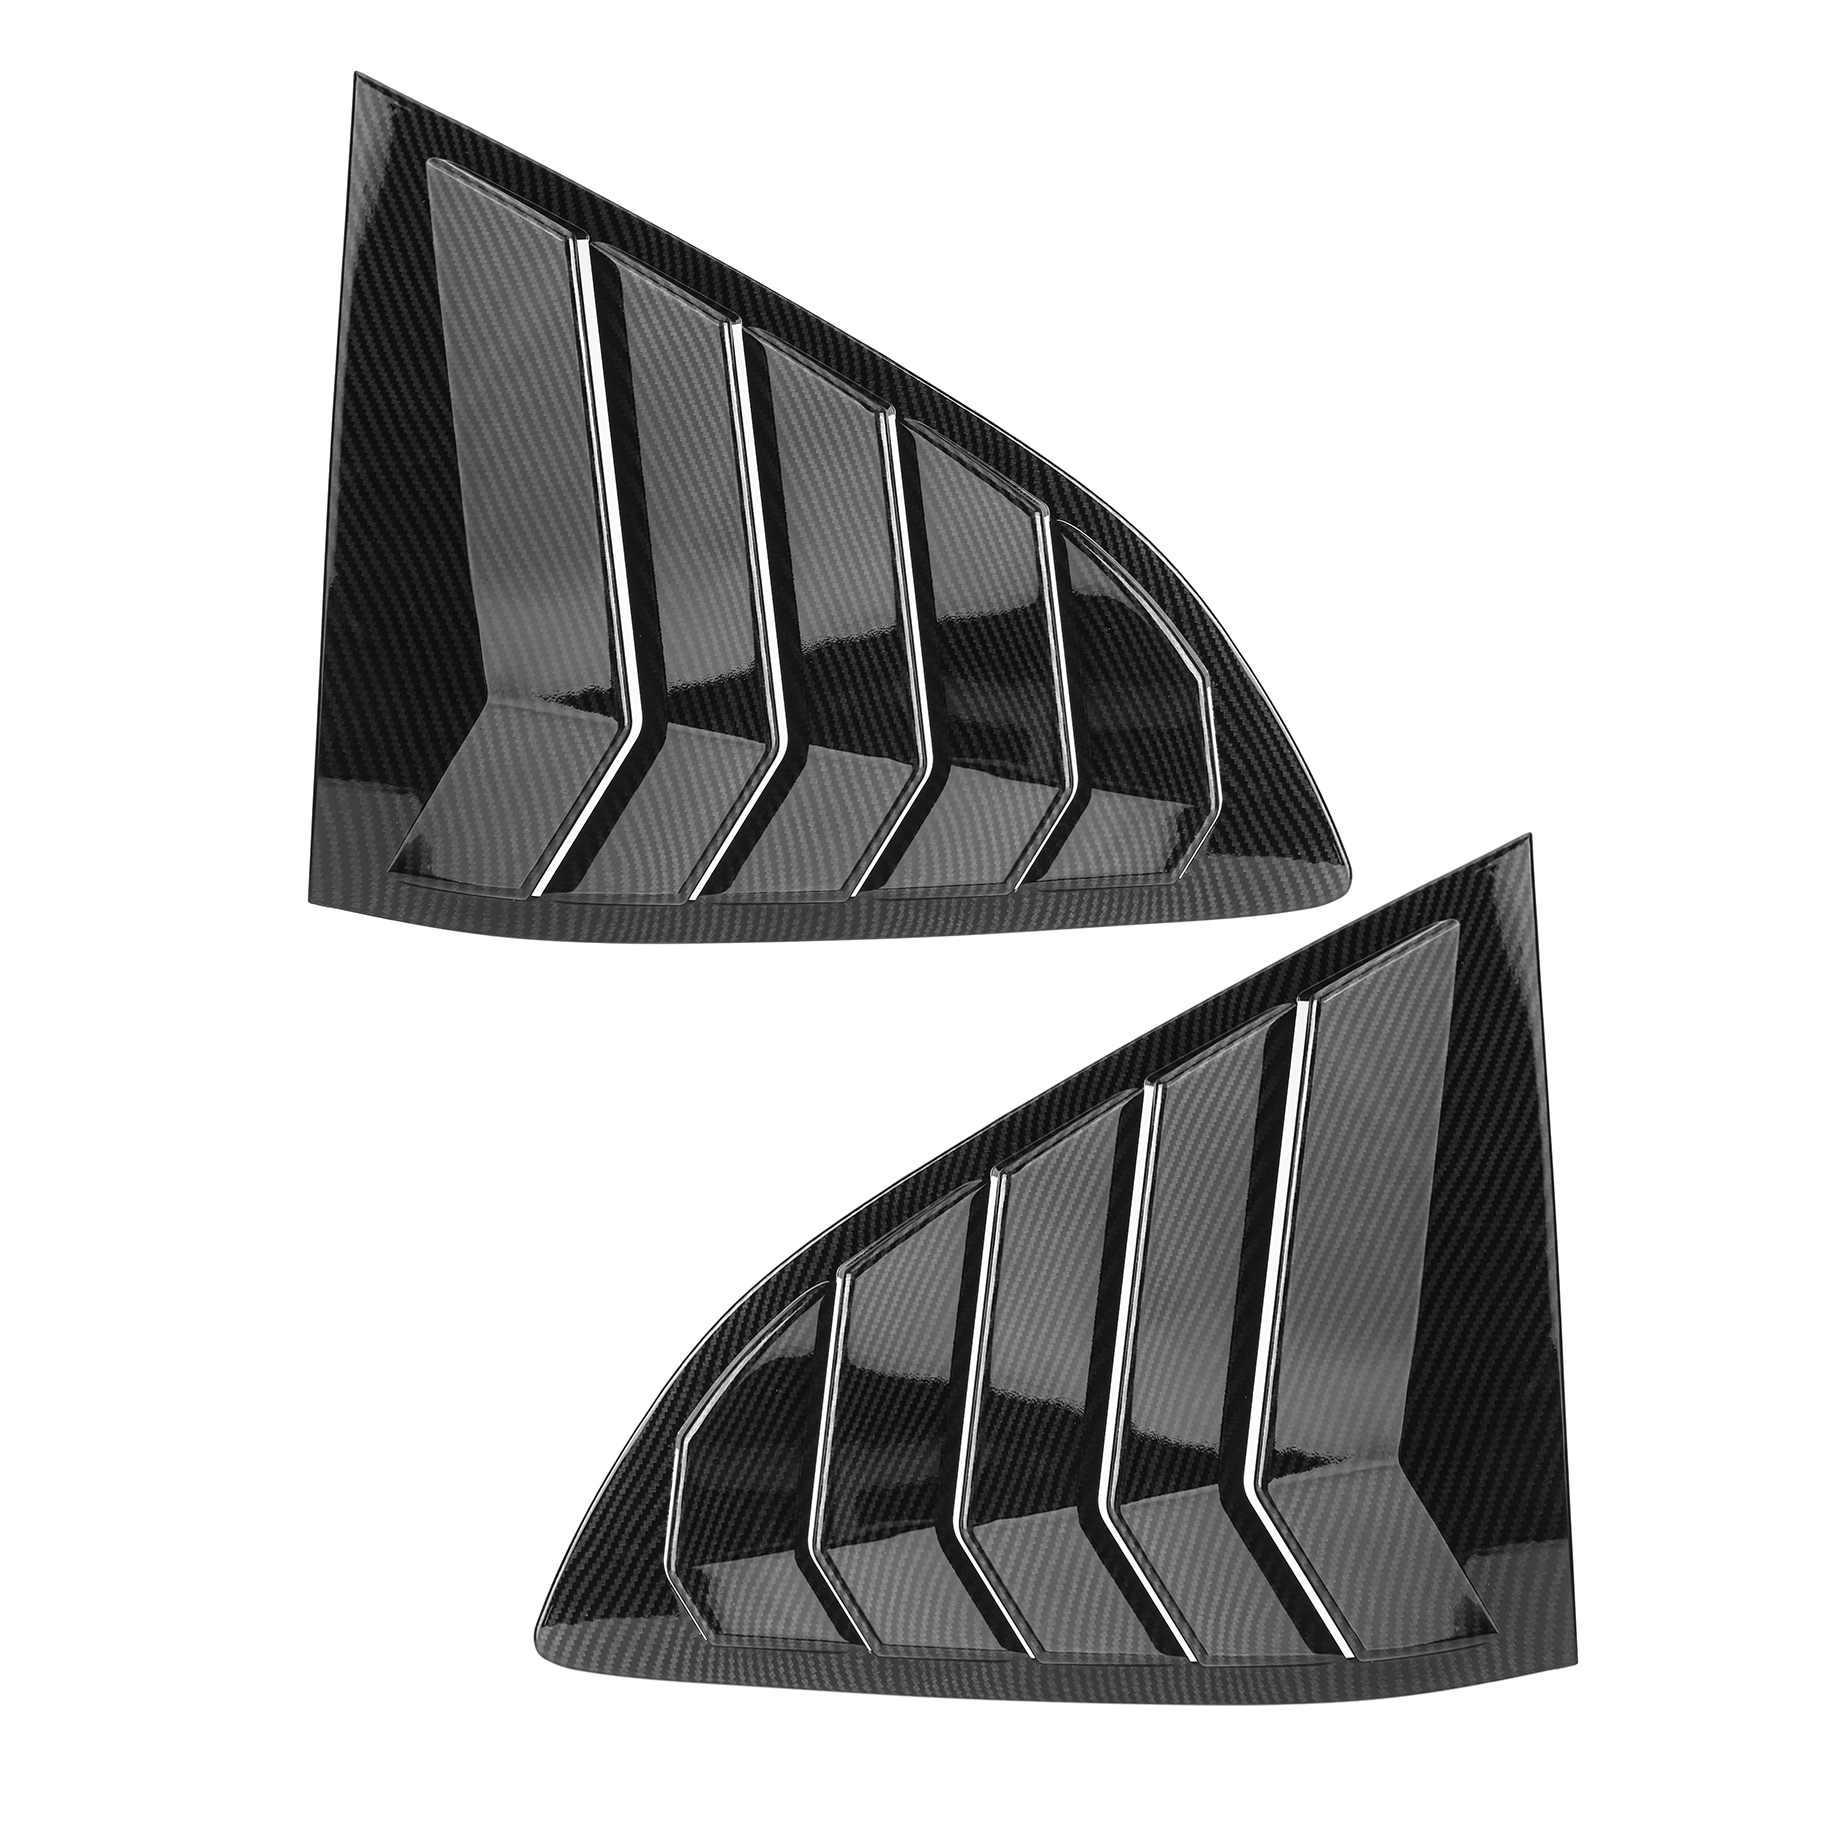 2X con apariencia de fibra de carbono, rejilla de ventilación lateral para coche, persianas, cubiertas de molduras para Honda, para CR-V, CRV 2017-2020, persianas para ventana, Scoop Cover ELEPHONE E10 Octa Core Smartphone 4GB 64GB 6.5